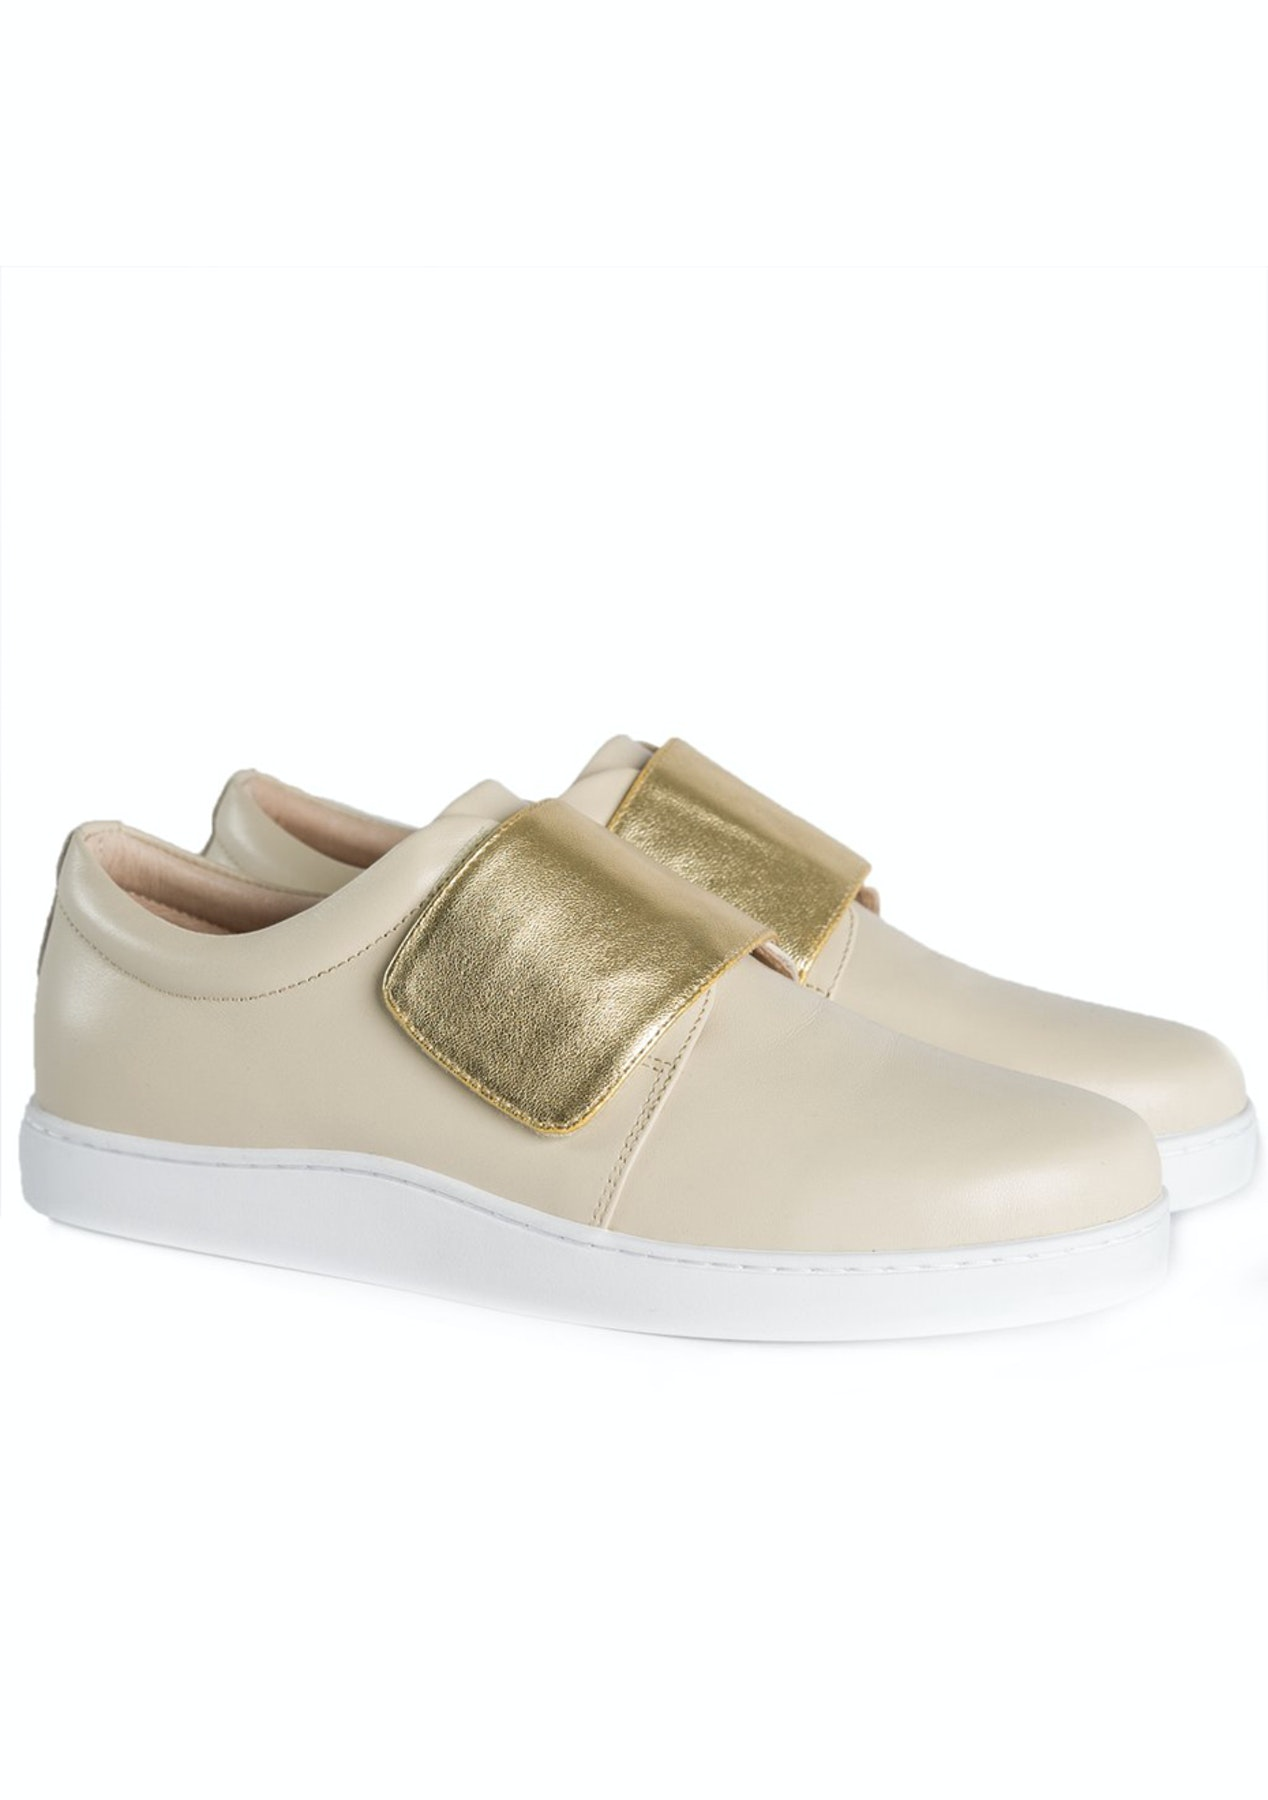 79d8b8e656b580 Julian Danger - Fox Sneaker - Chalk   Gold - Designer Outlet - Onceit